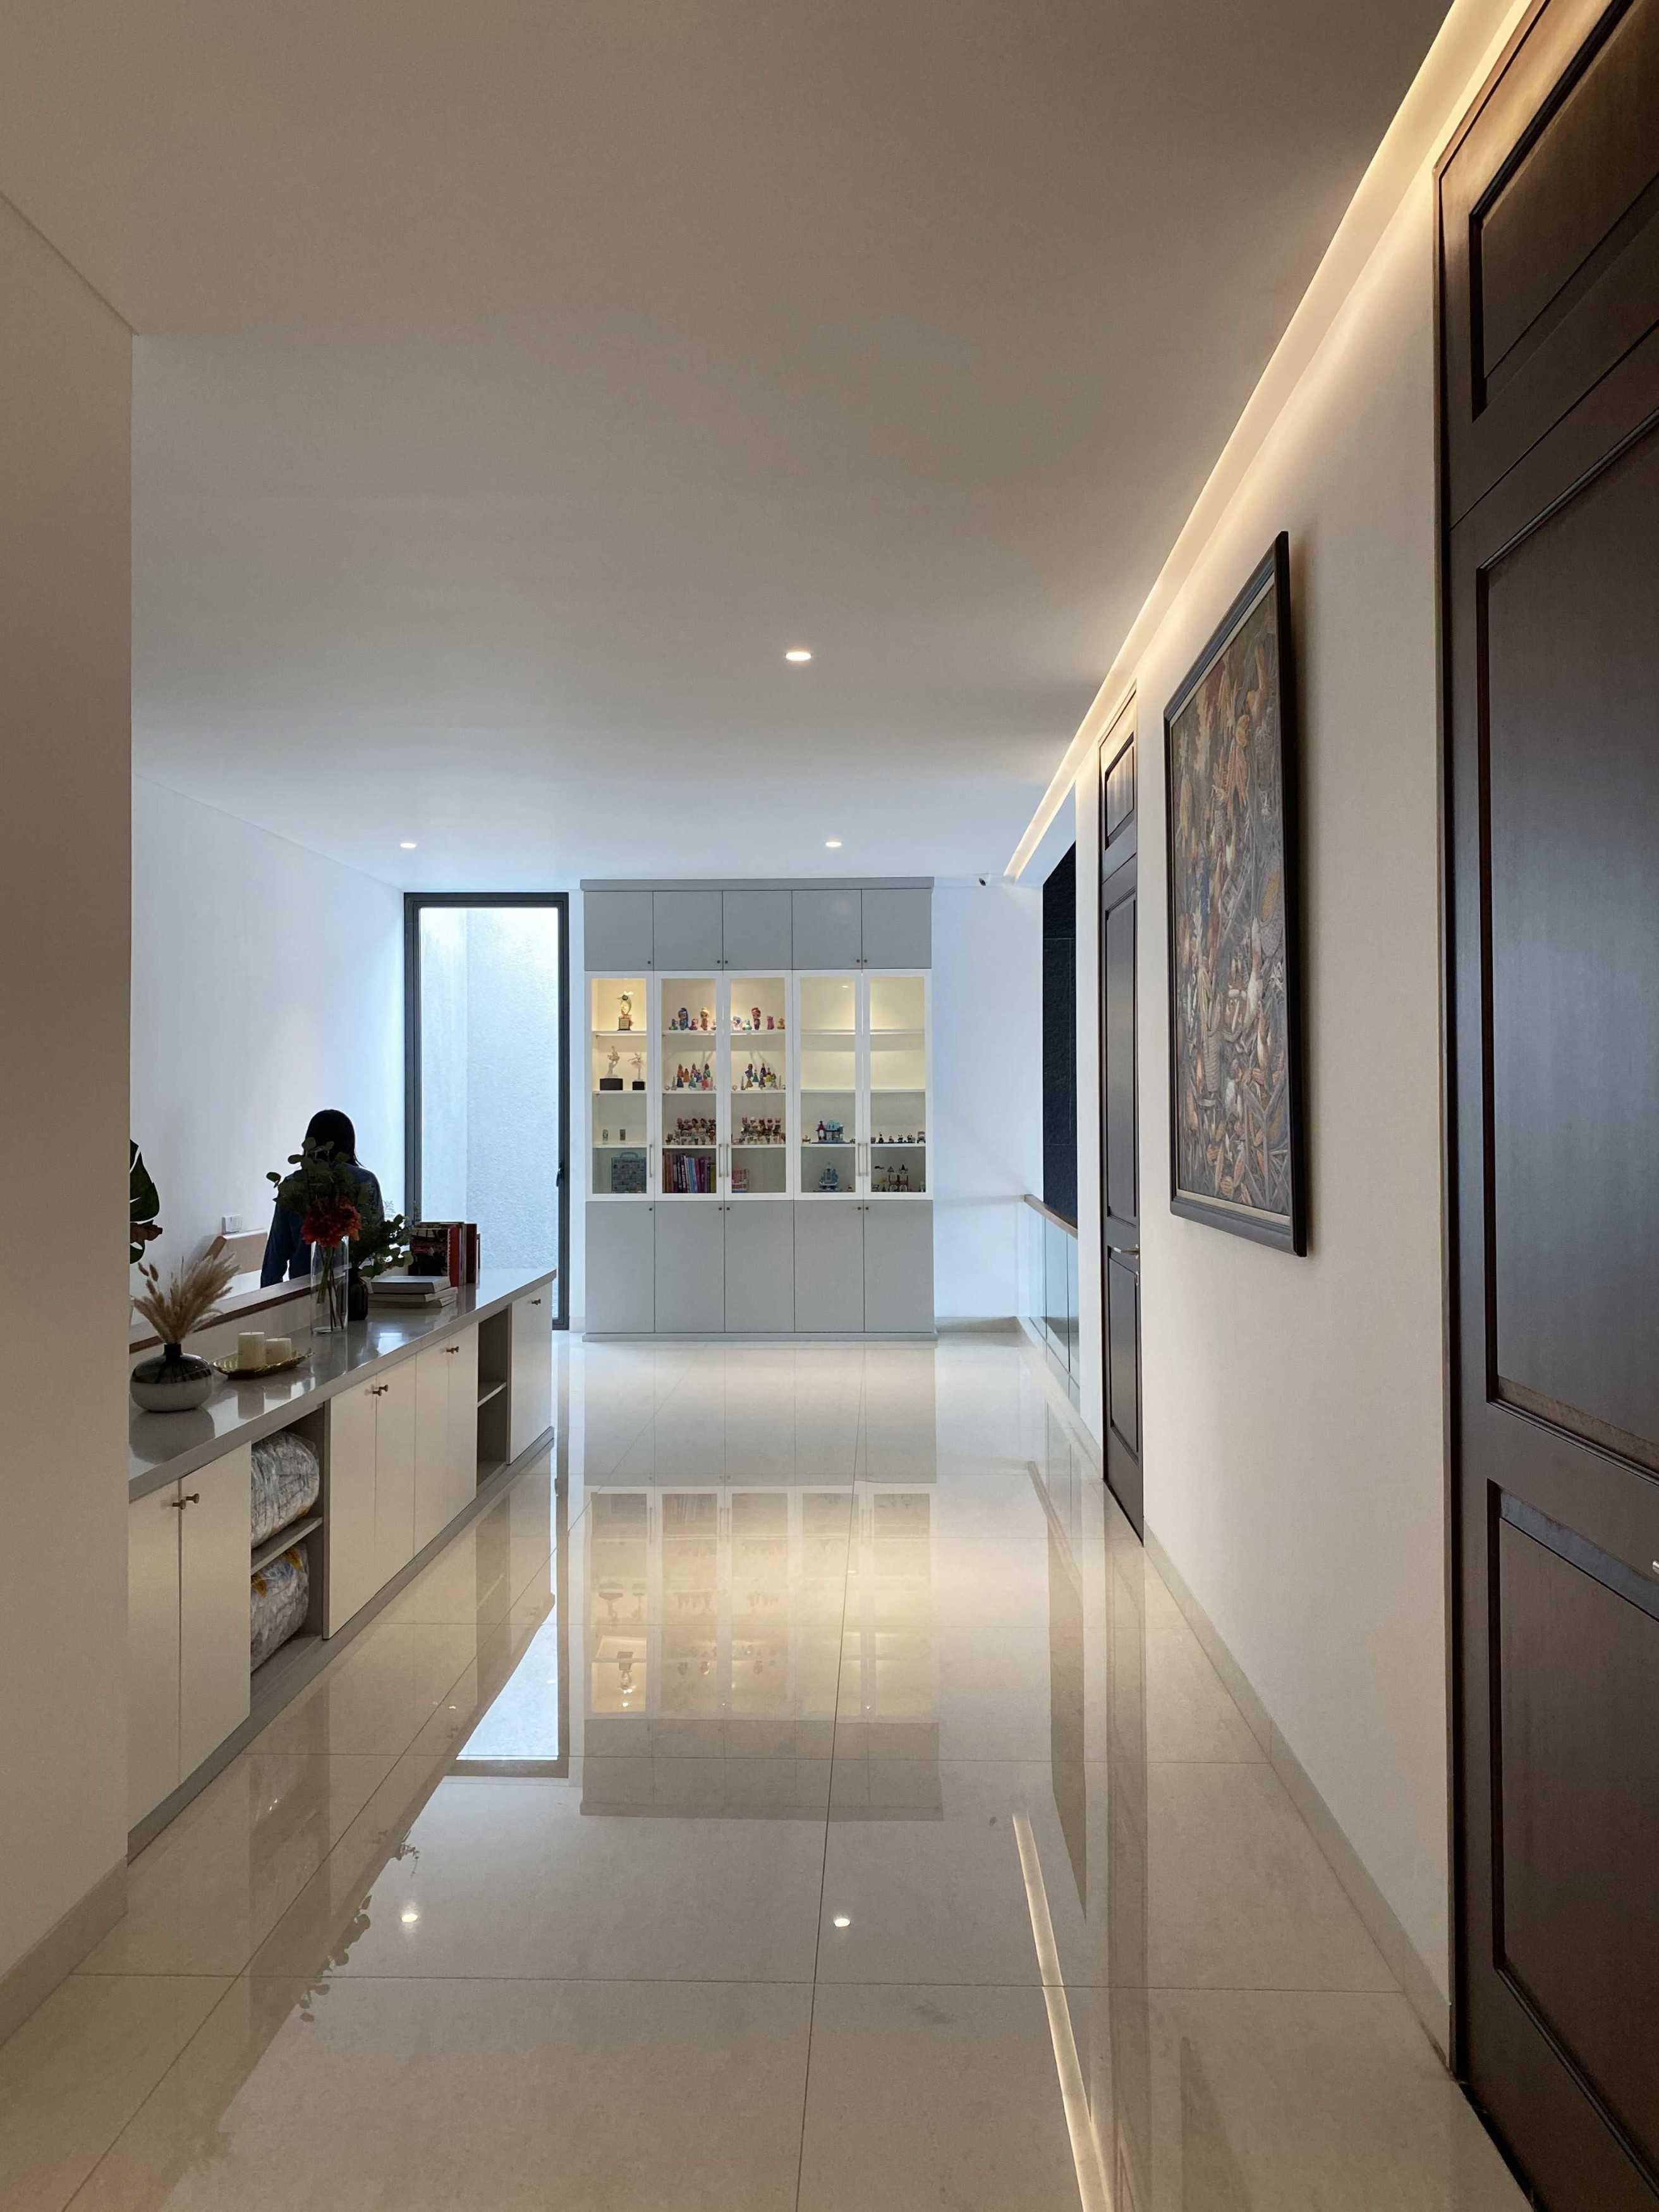 Arkara - Interior Contractor Cap House Jakarta Utara, Kota Jkt Utara, Daerah Khusus Ibukota Jakarta, Indonesia Jakarta Utara, Kota Jkt Utara, Daerah Khusus Ibukota Jakarta, Indonesia Arkara-Interior-Contractor-Cap-House   124843